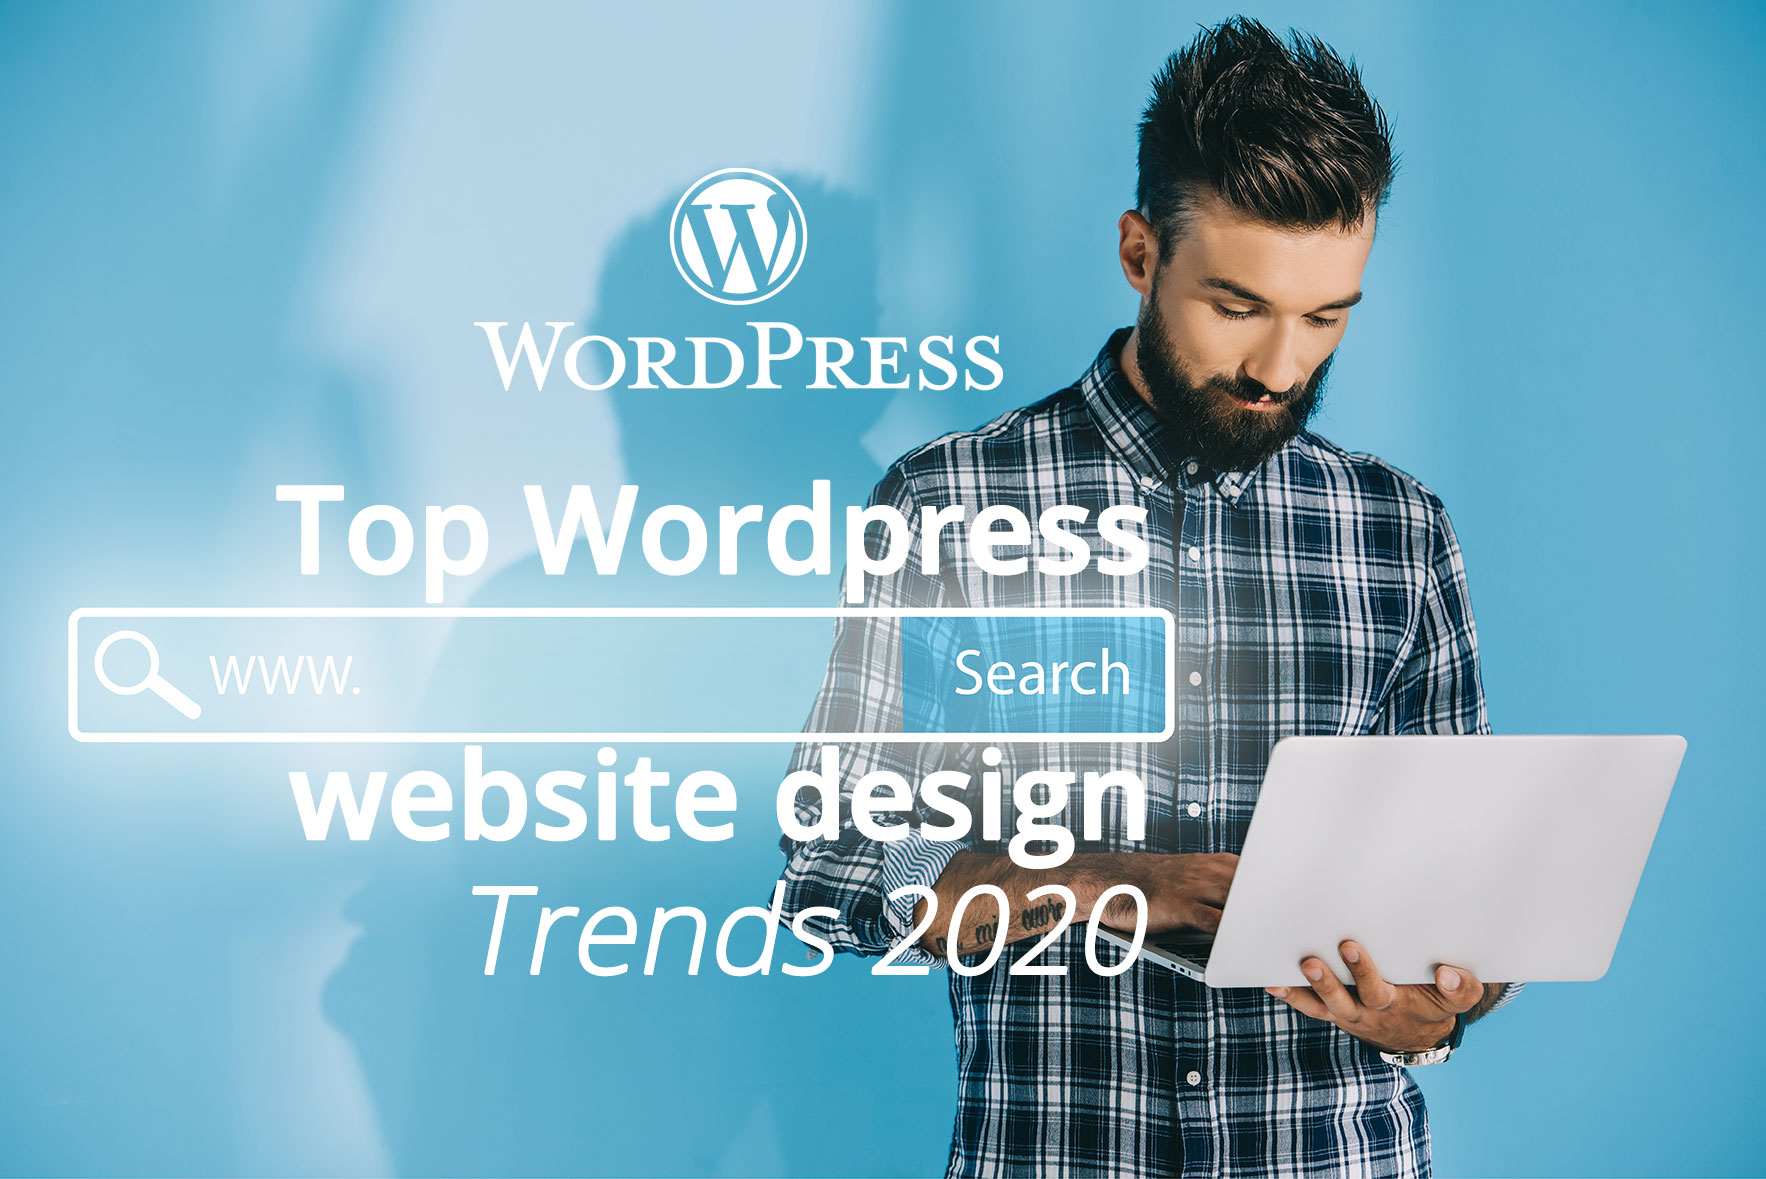 top 5 wordpress design trends 2020 wiidoo media website design agency marbella